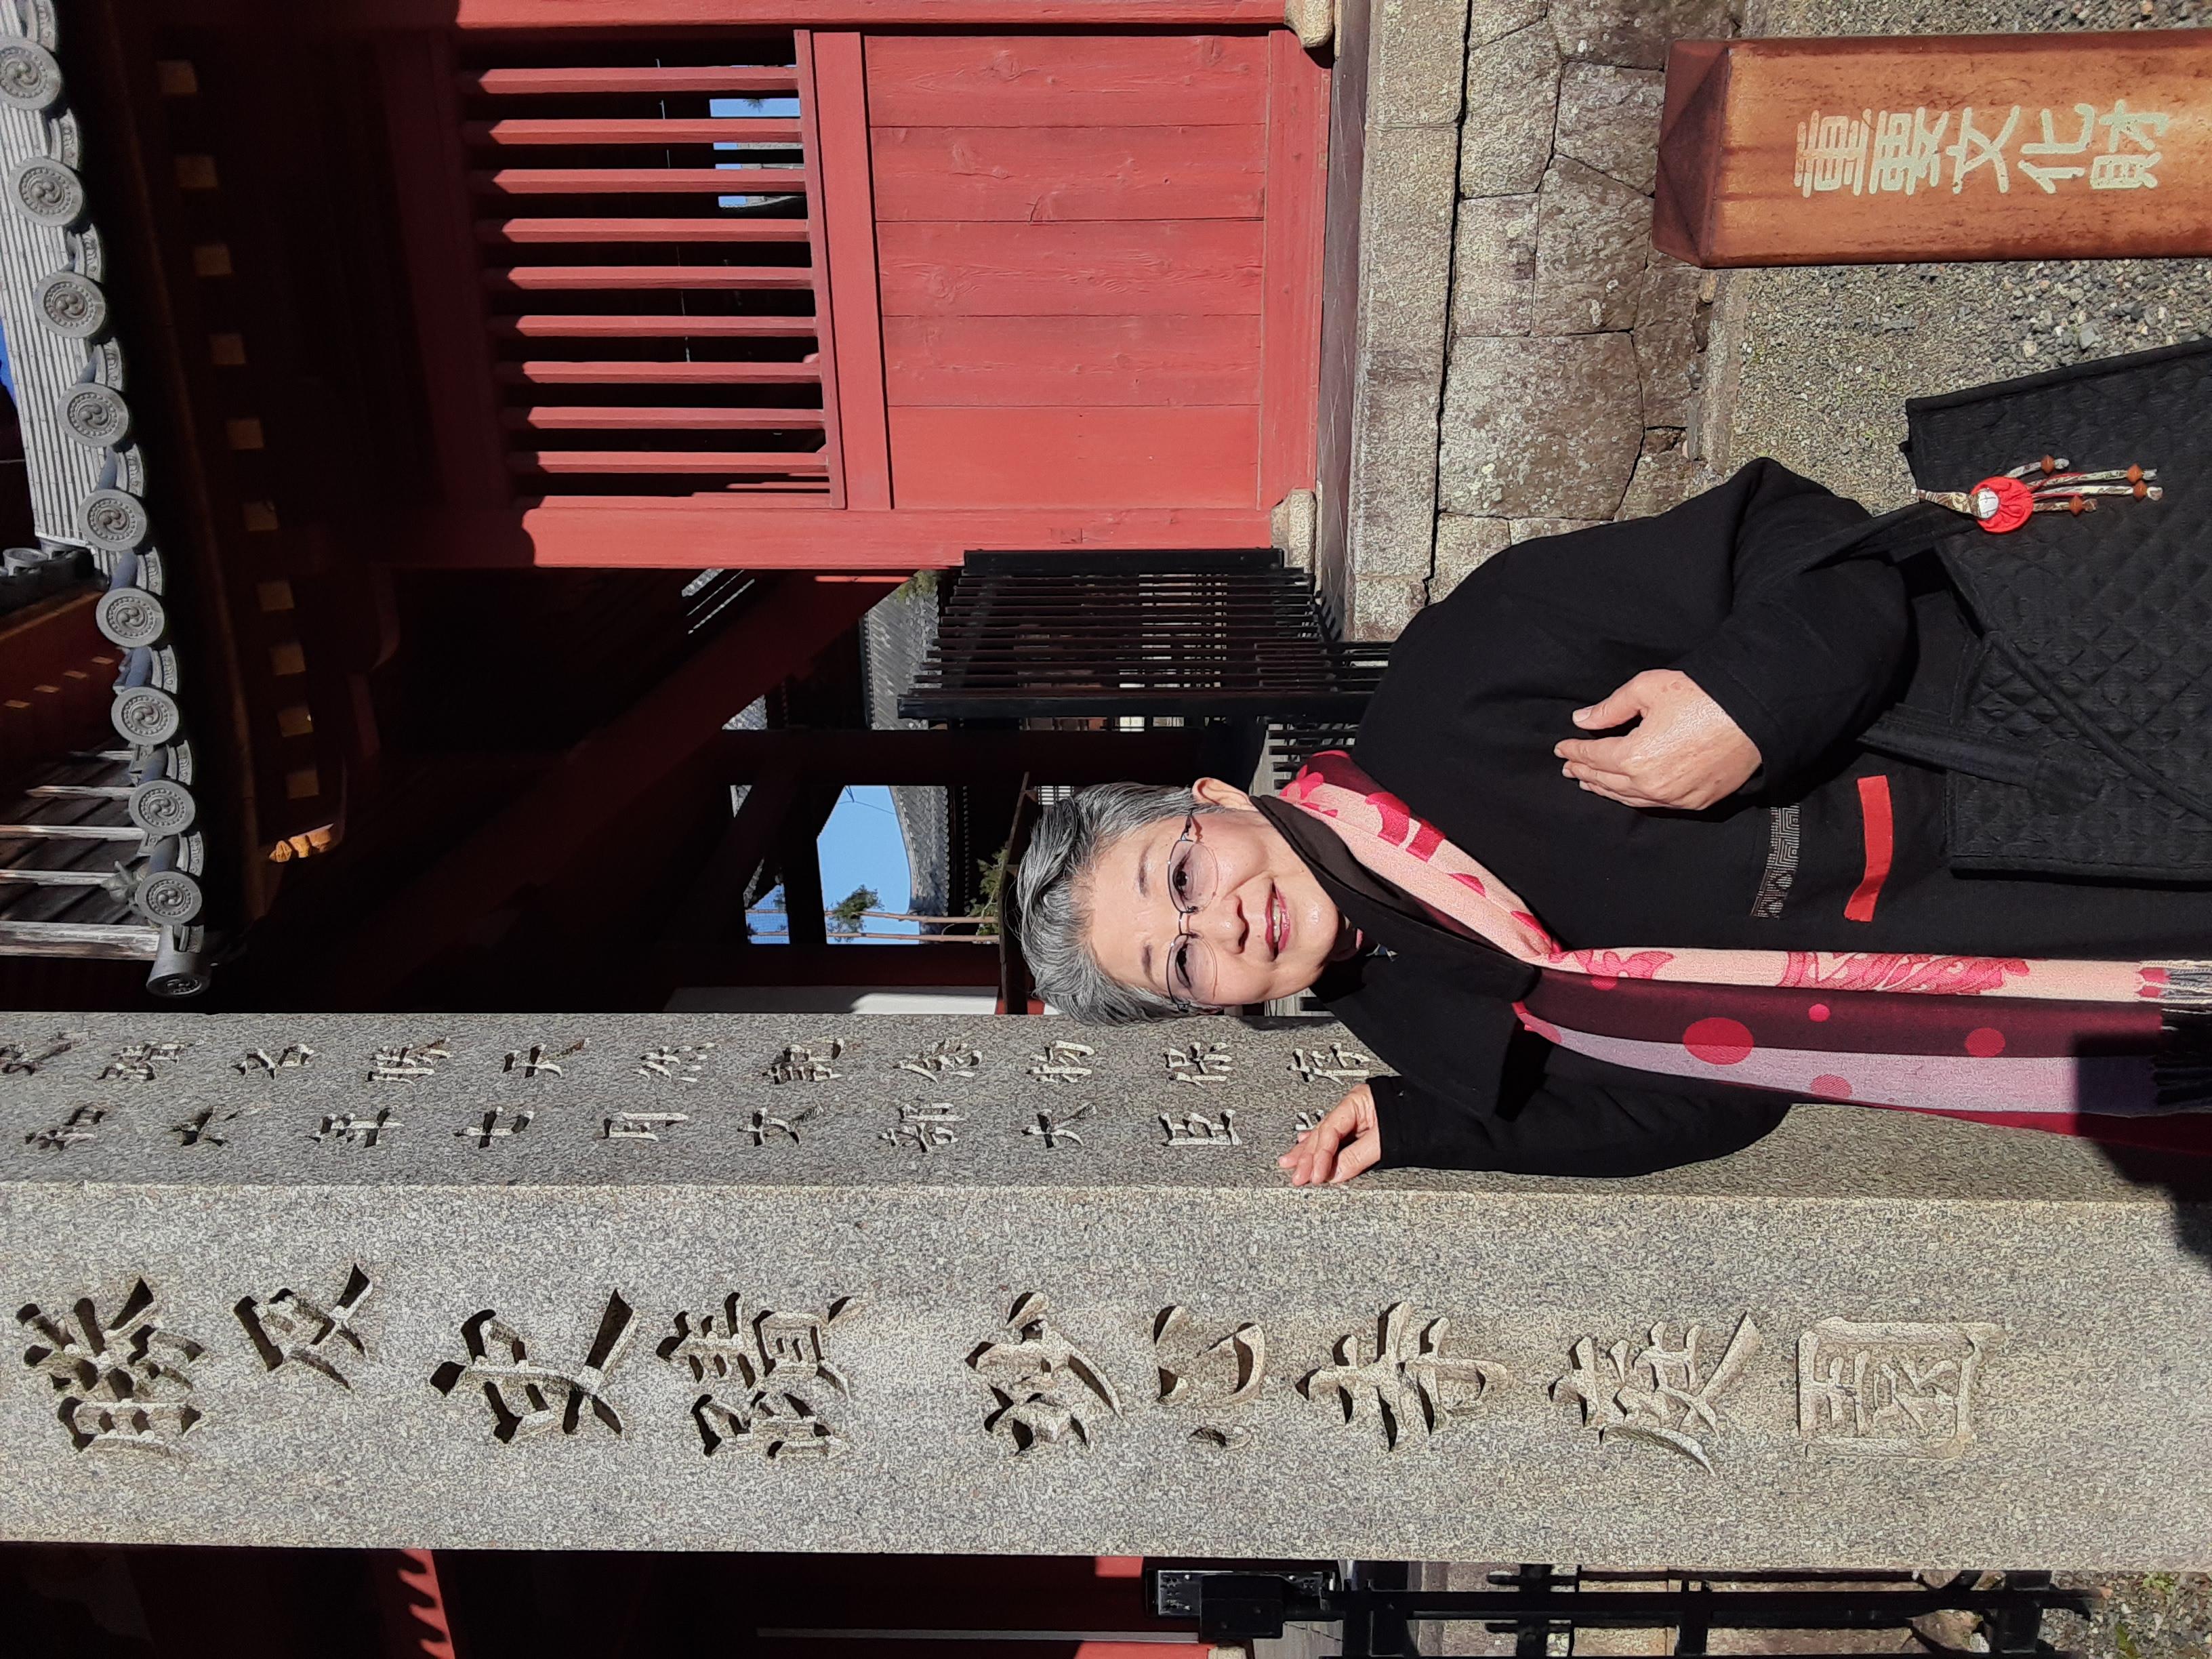 妙心寺にある菩提寺の雑華院の修正大般若会・花園会総会に参会しました🙏🍀🙏